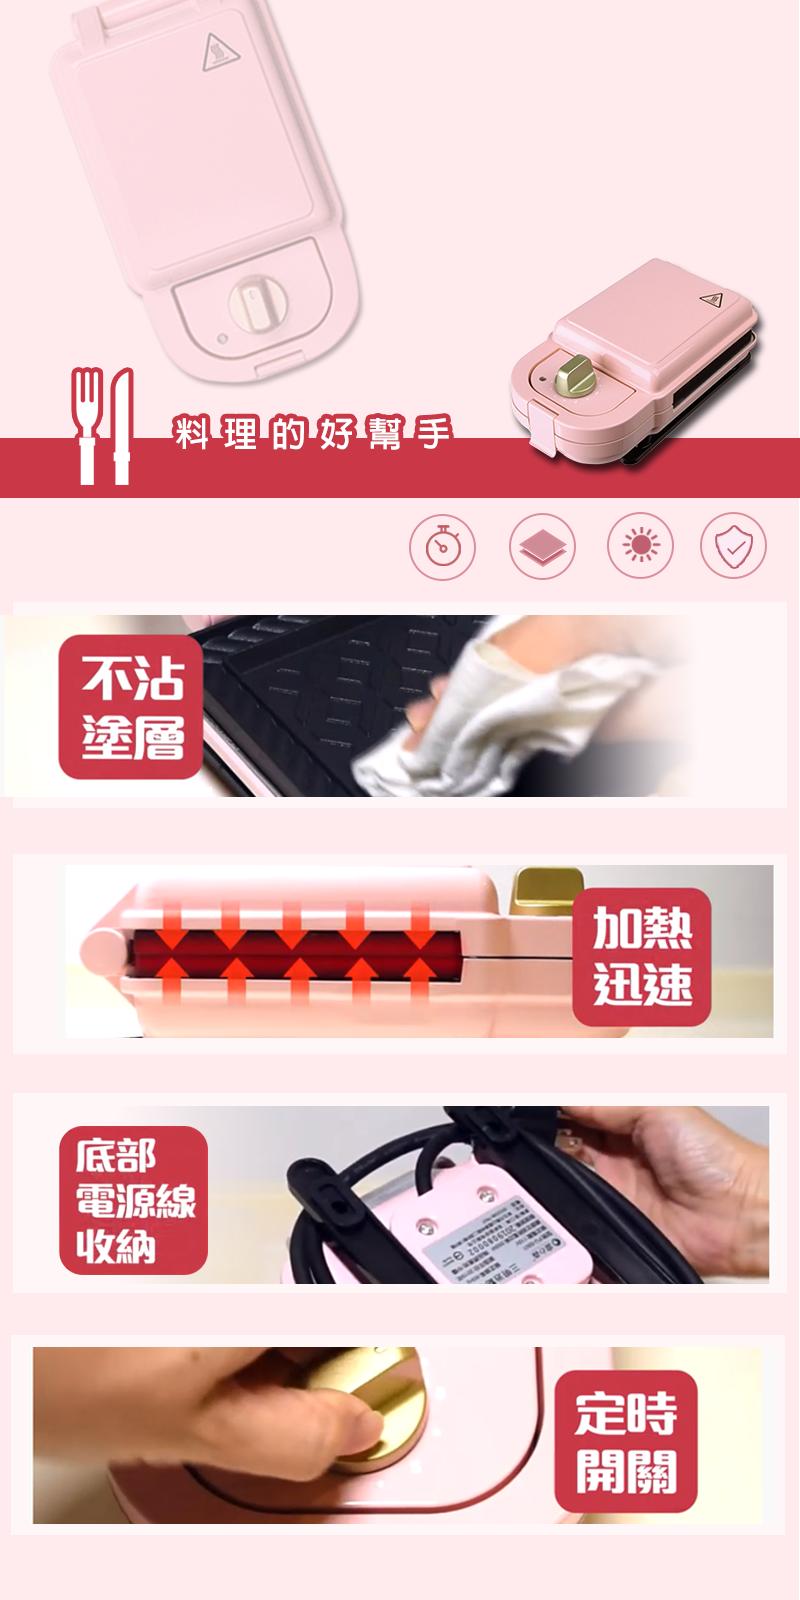 【富力森熱壓三明治點心機單盤】吐司機 鯛魚燒機 鬆餅機 蛋糕機 烤麵包機 熱壓吐司機【AB436】樂天雙11 8